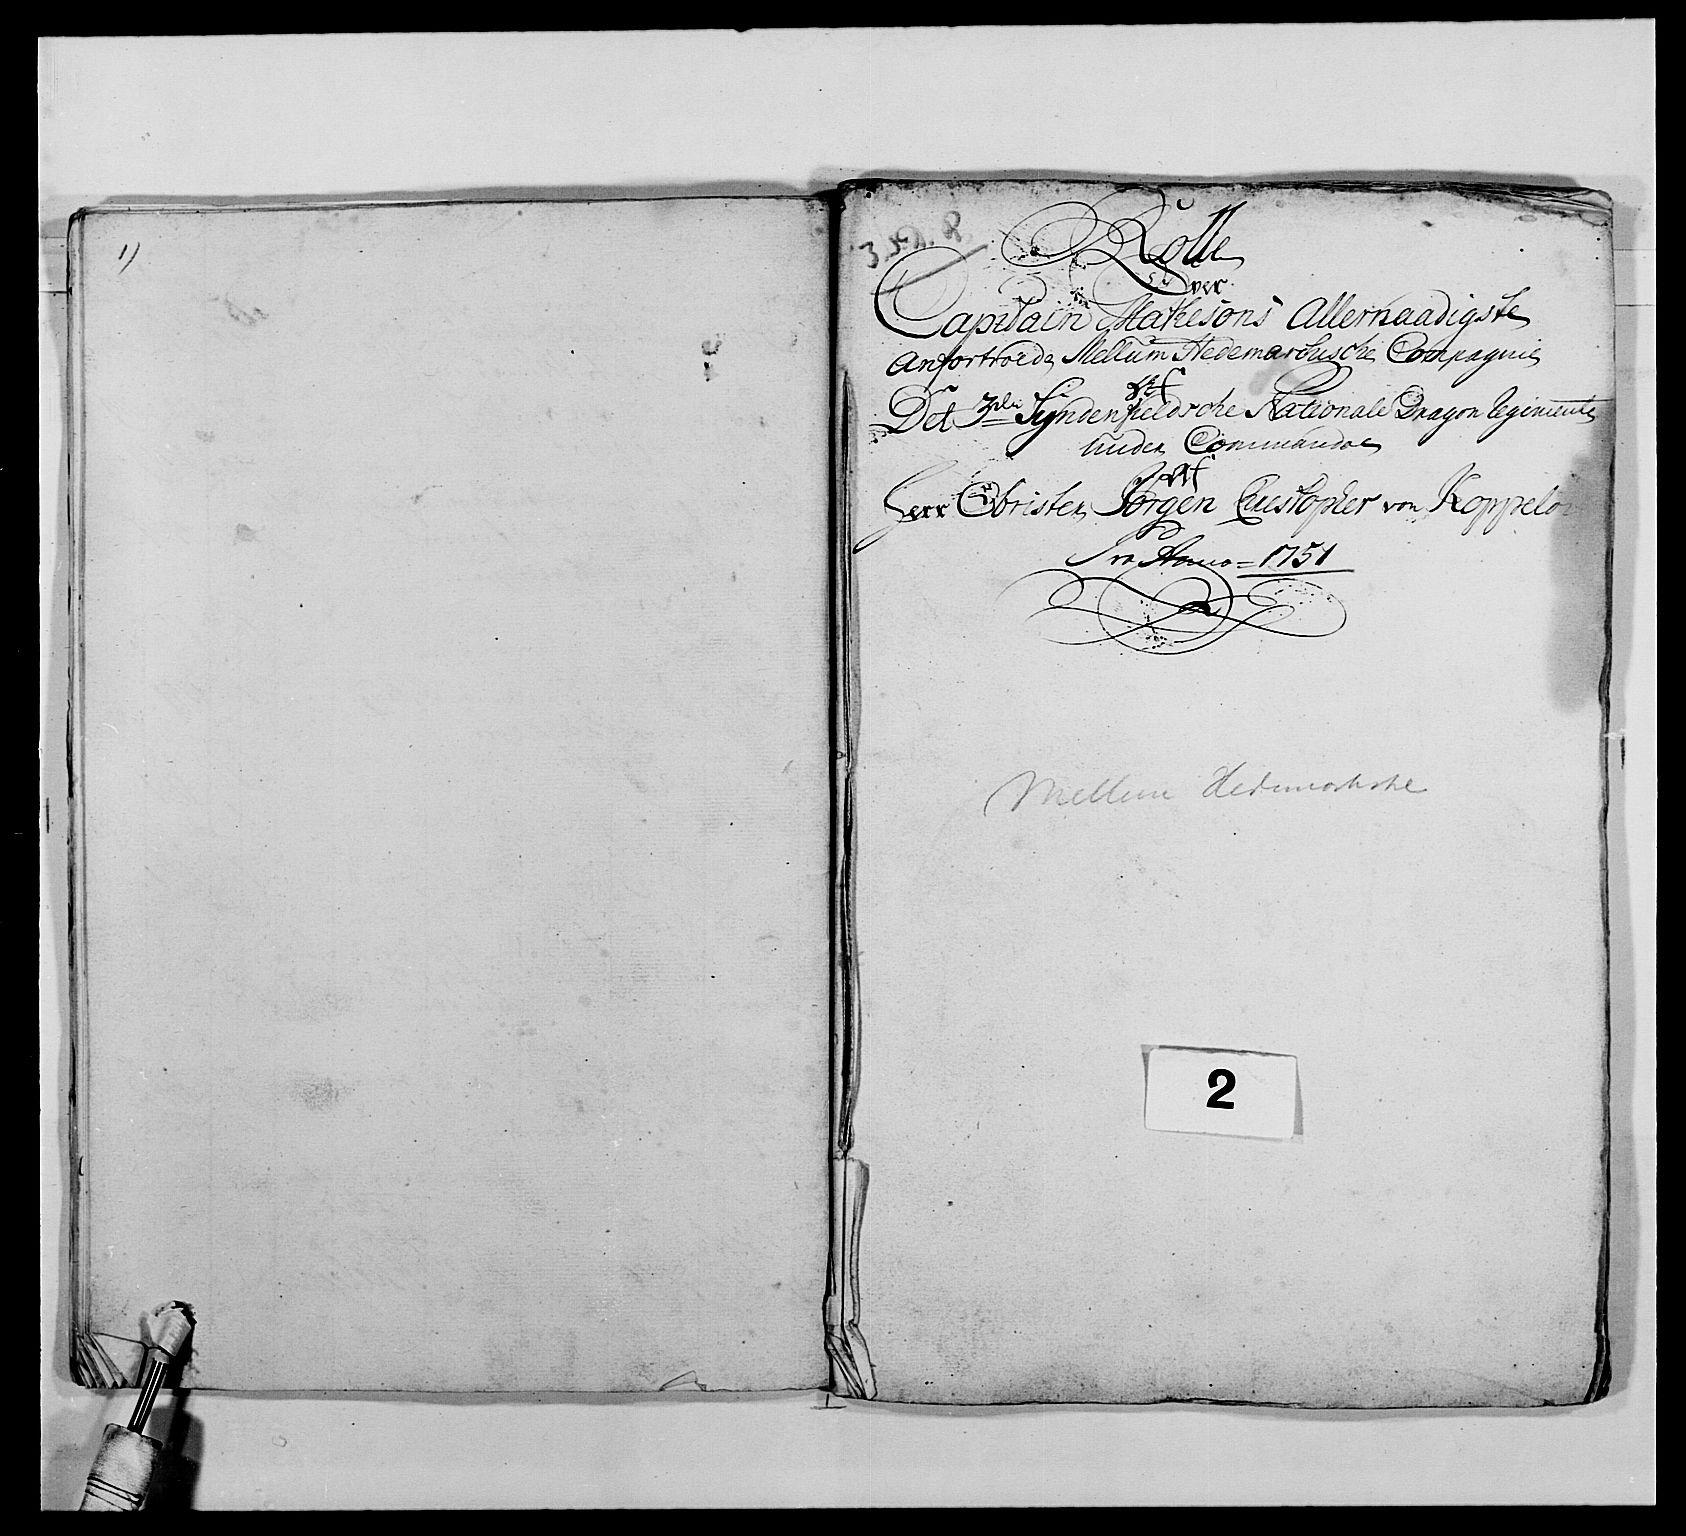 RA, Kommanderende general (KG I) med Det norske krigsdirektorium, E/Ea/L0479: 3. Sønnafjelske dragonregiment, 1756-1760, s. 32